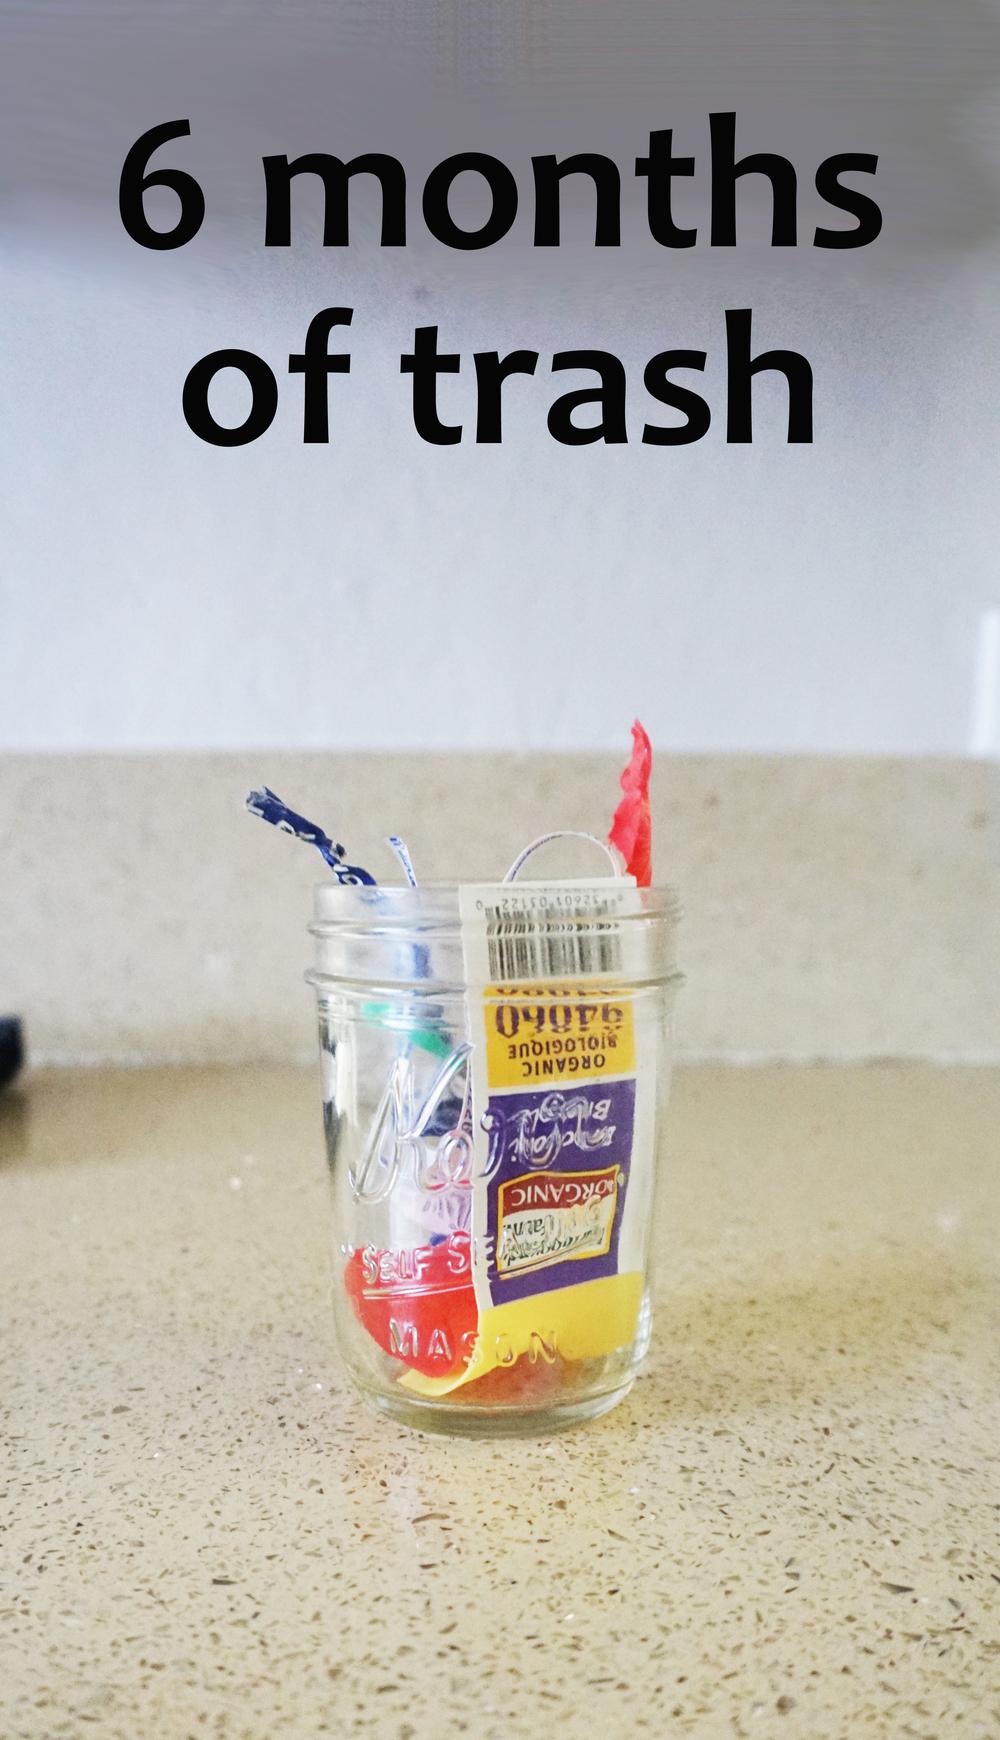 www.goingzerowaste.com 6 months of trash